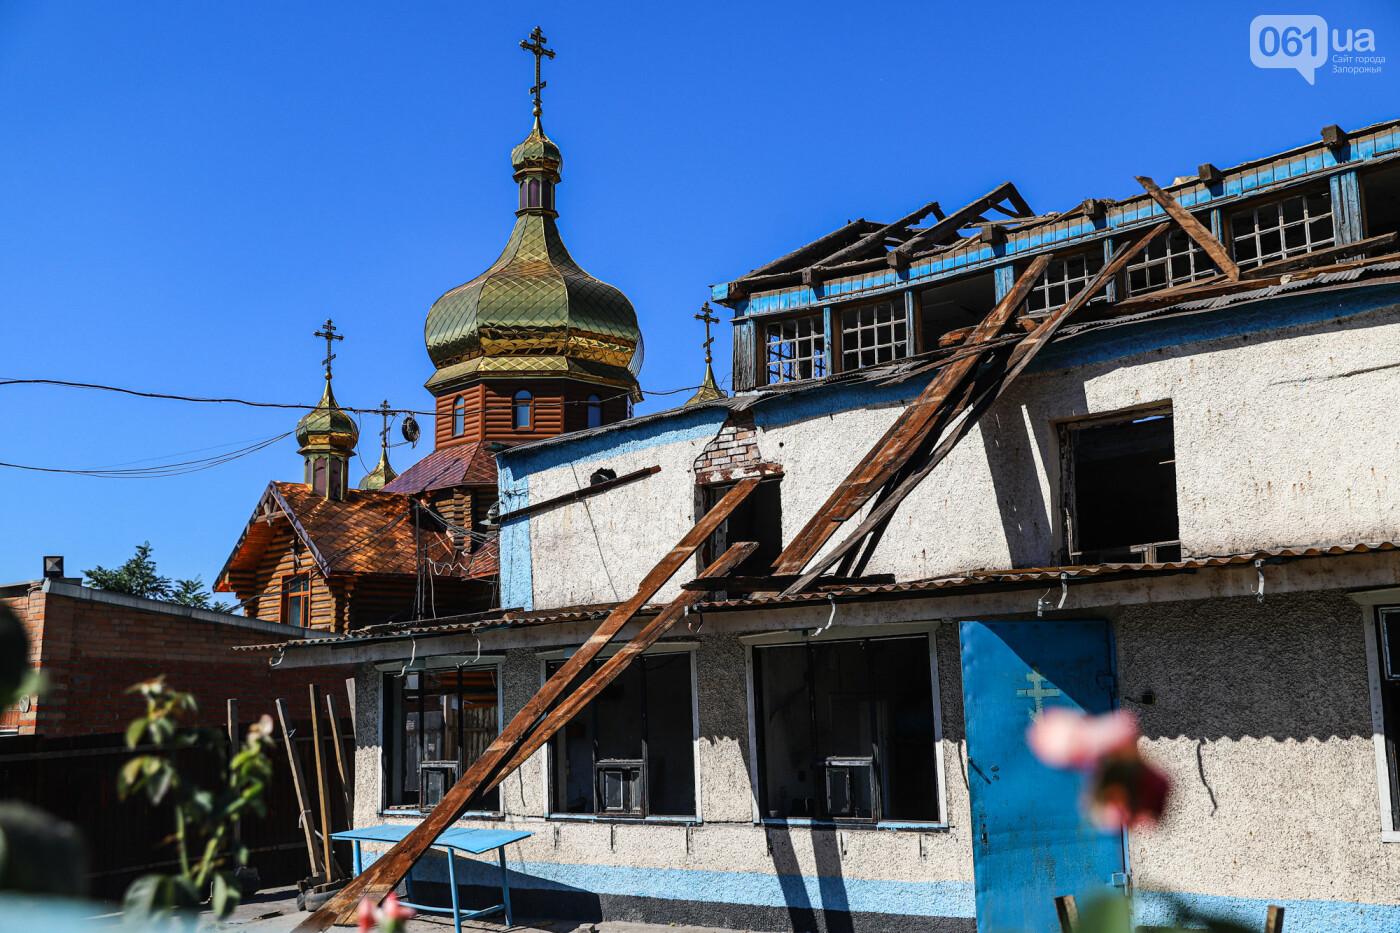 """""""Дело пономарей"""": в Запорожье начали разбирать храм, который пострадал в результате взрыва, - ФОТОРЕПОРТАЖ, фото-8"""